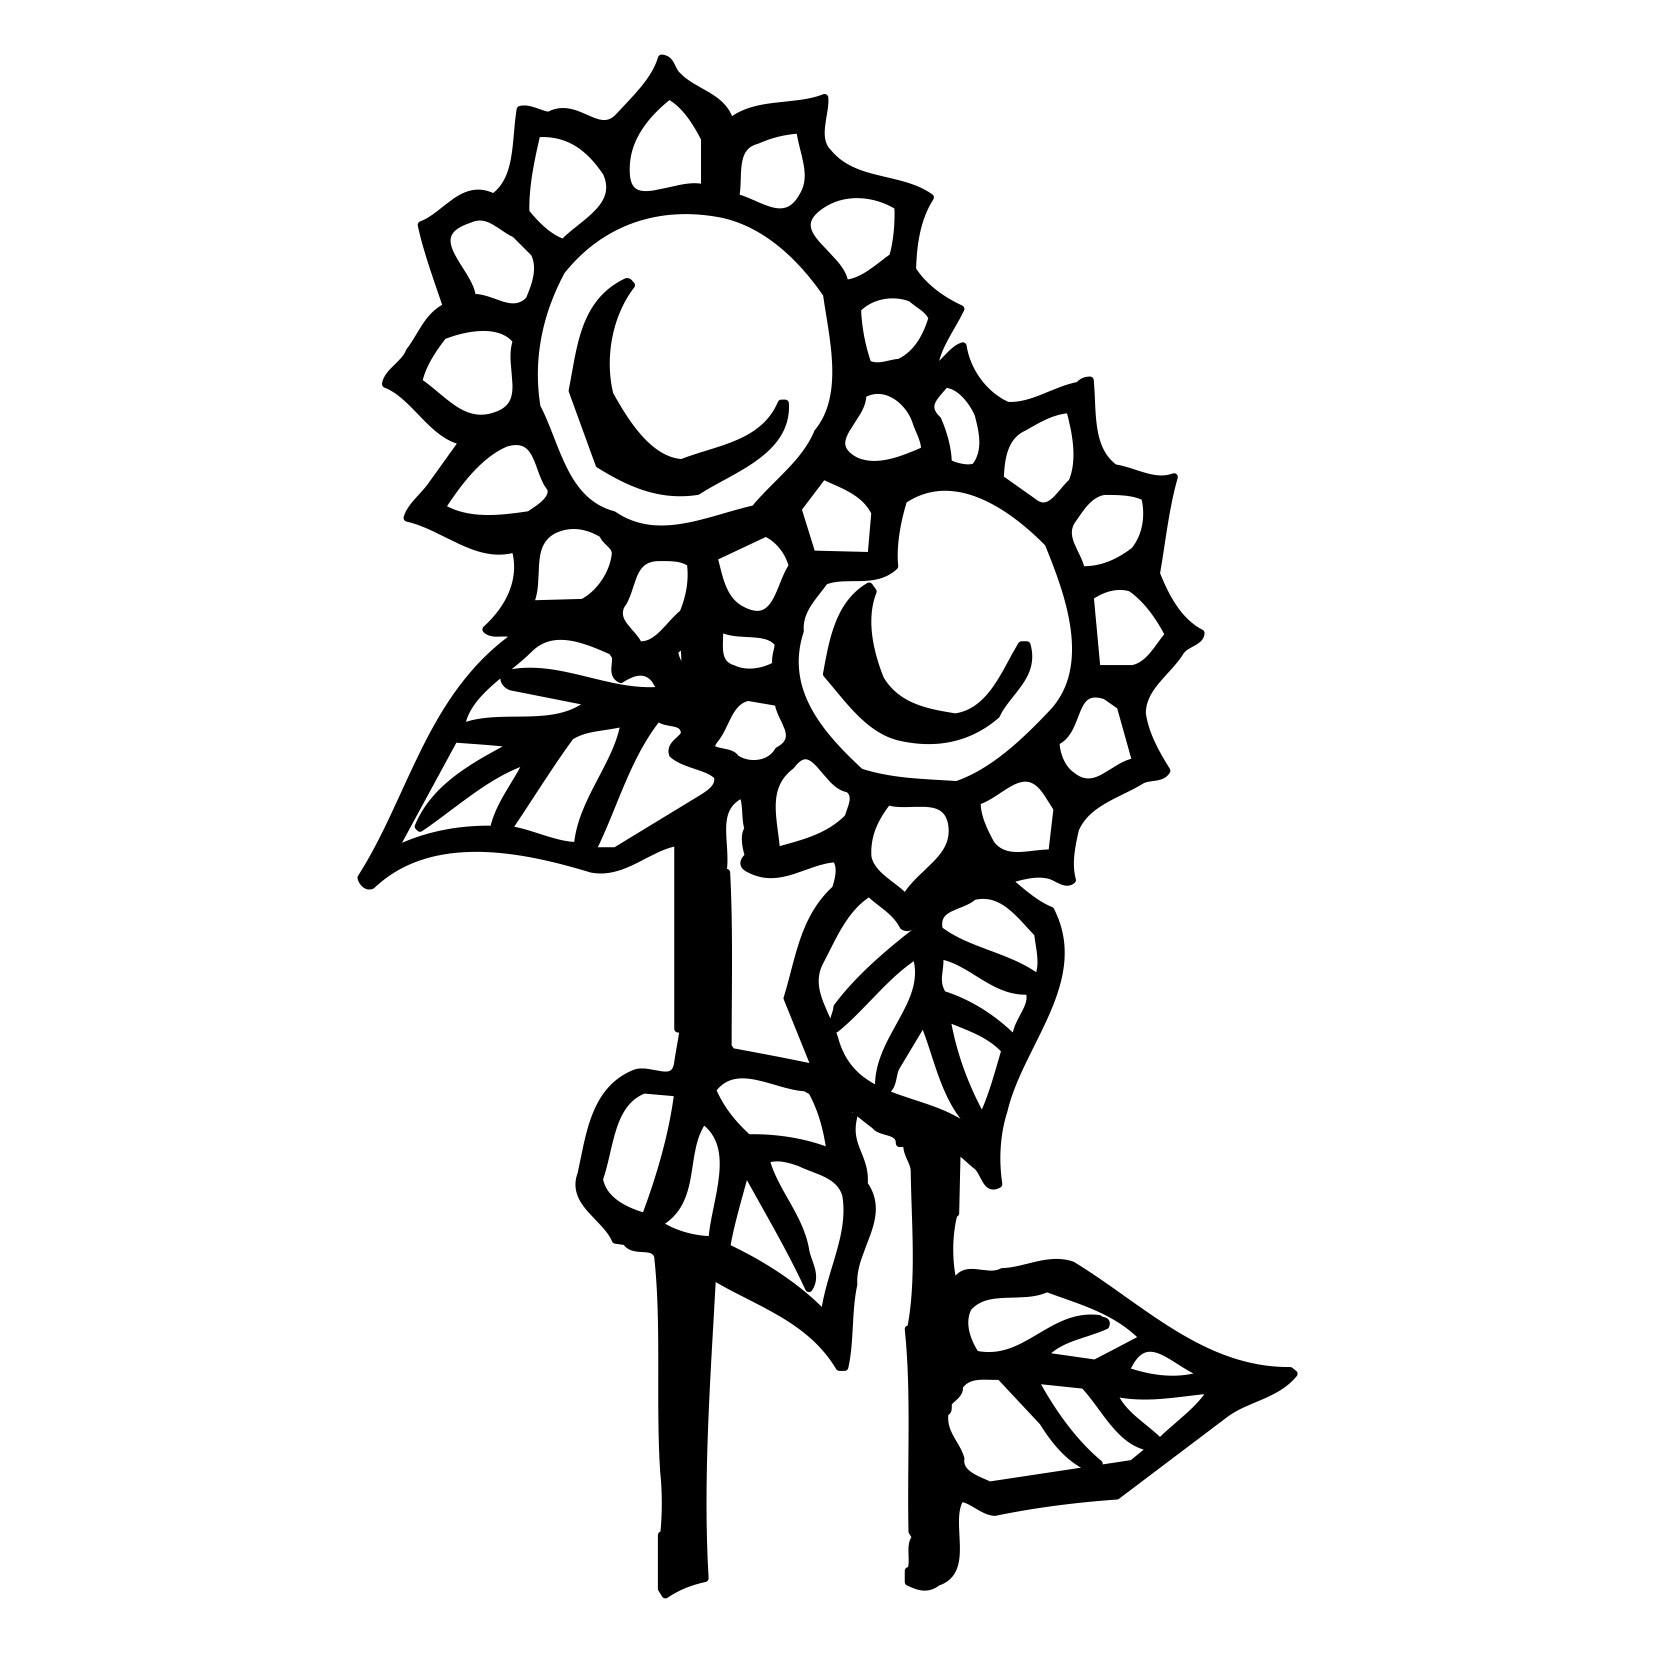 sonnenblume malvorlagen kostenlos genial kostenlose